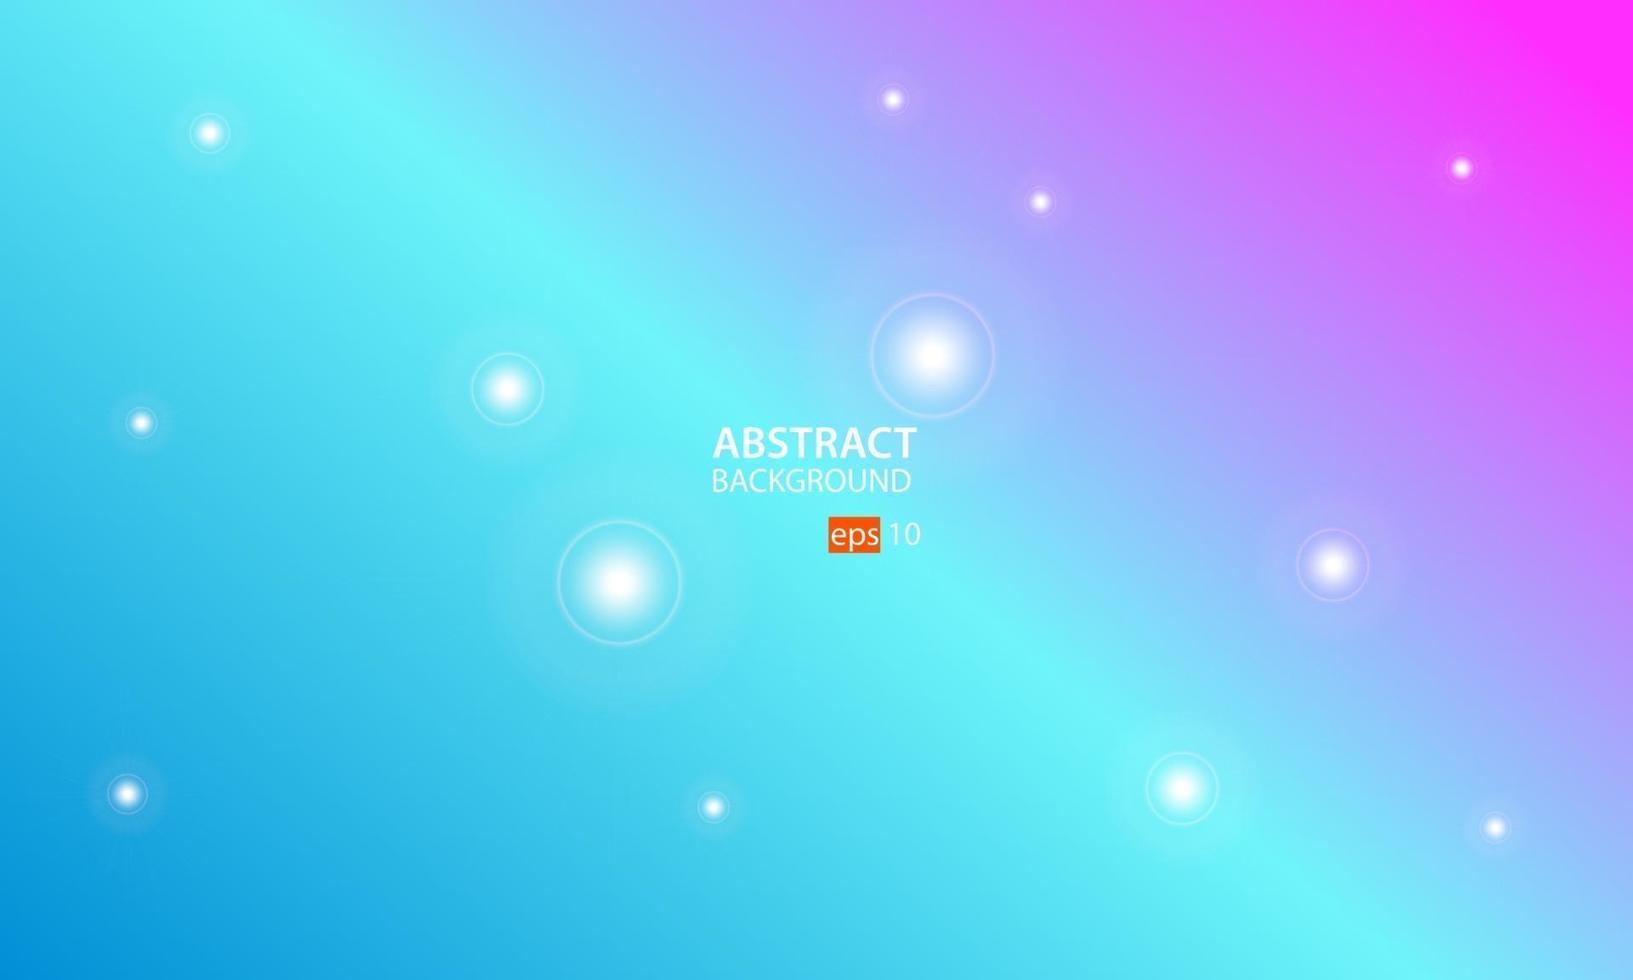 abstrakt lutning färg bakgrund i ljusa färgglada slät. lämplig för tapeter, bakgrund, banner, kort och målsida vektor